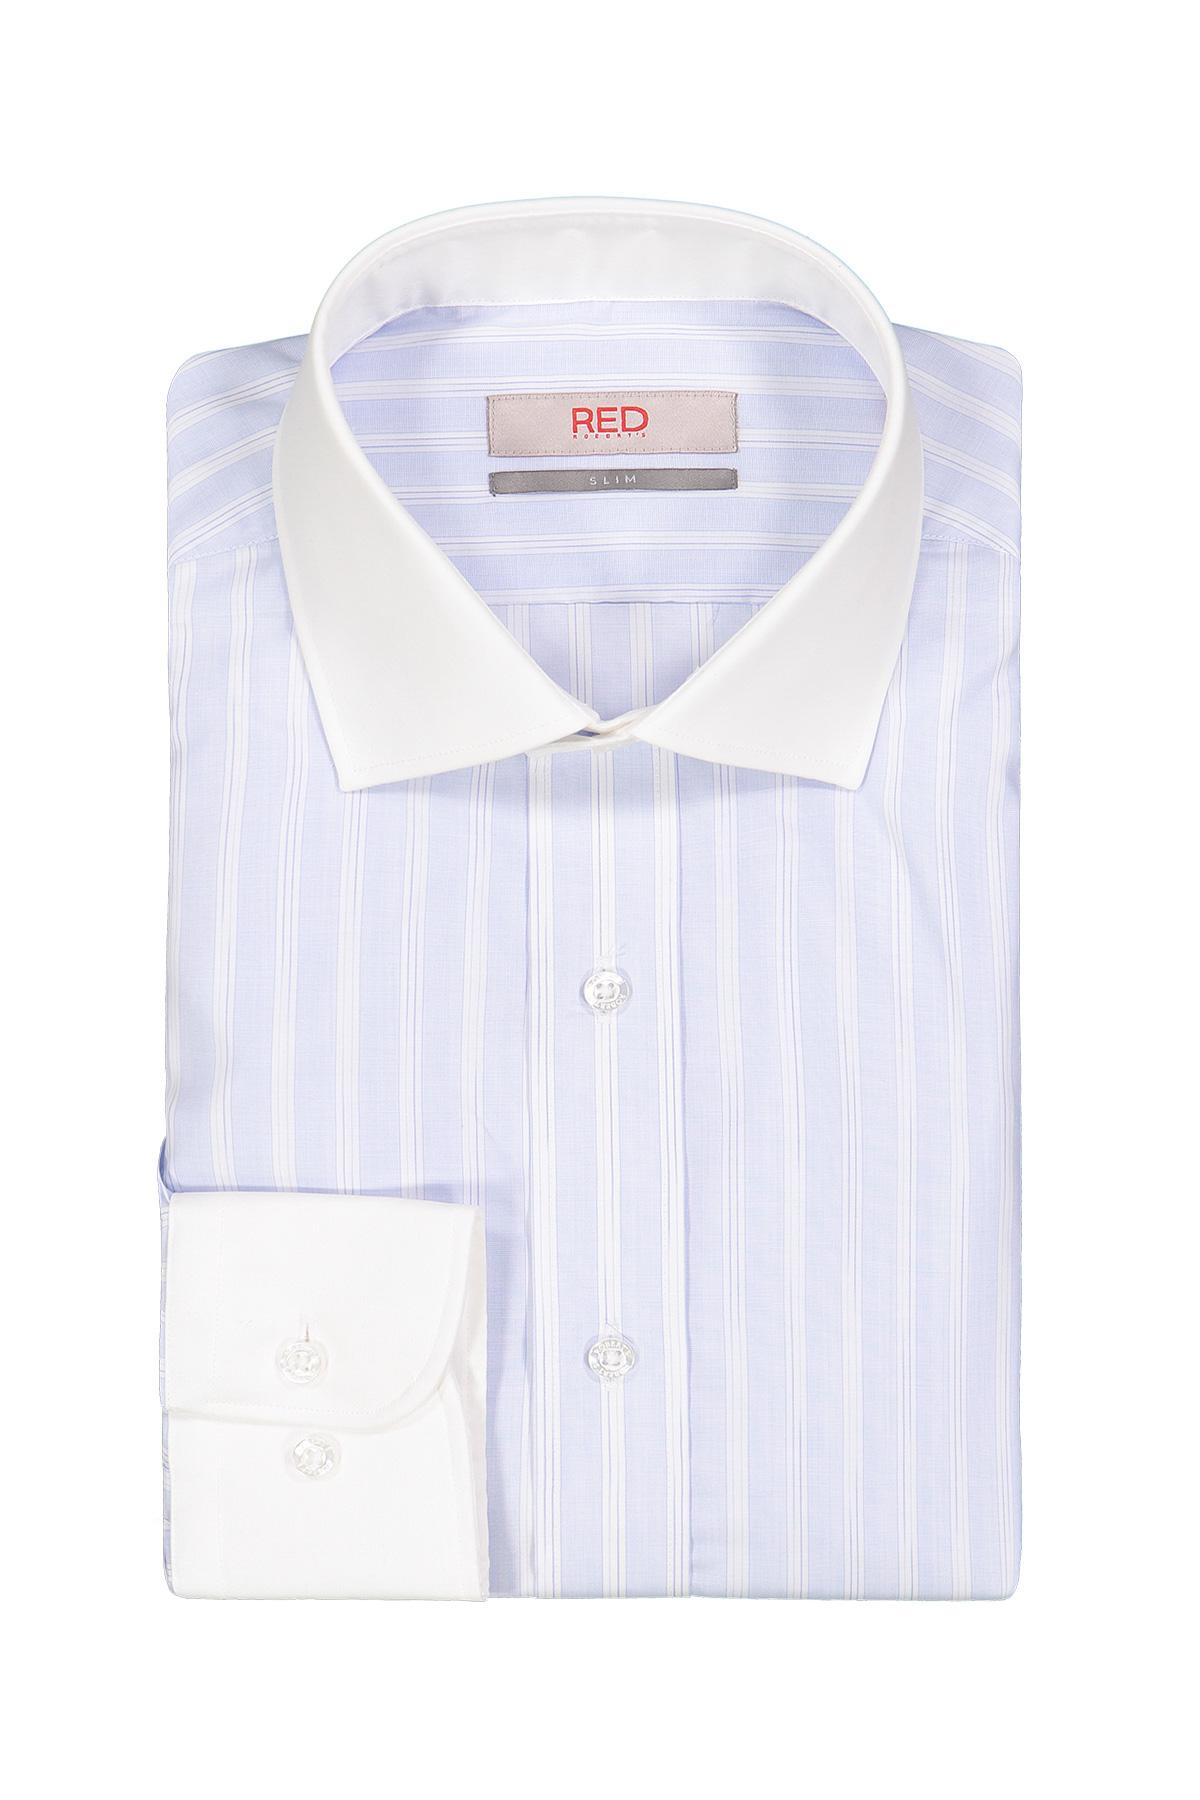 Camisa Robert´s Red, slim fit, celeste rayada puños y cuello blanco.